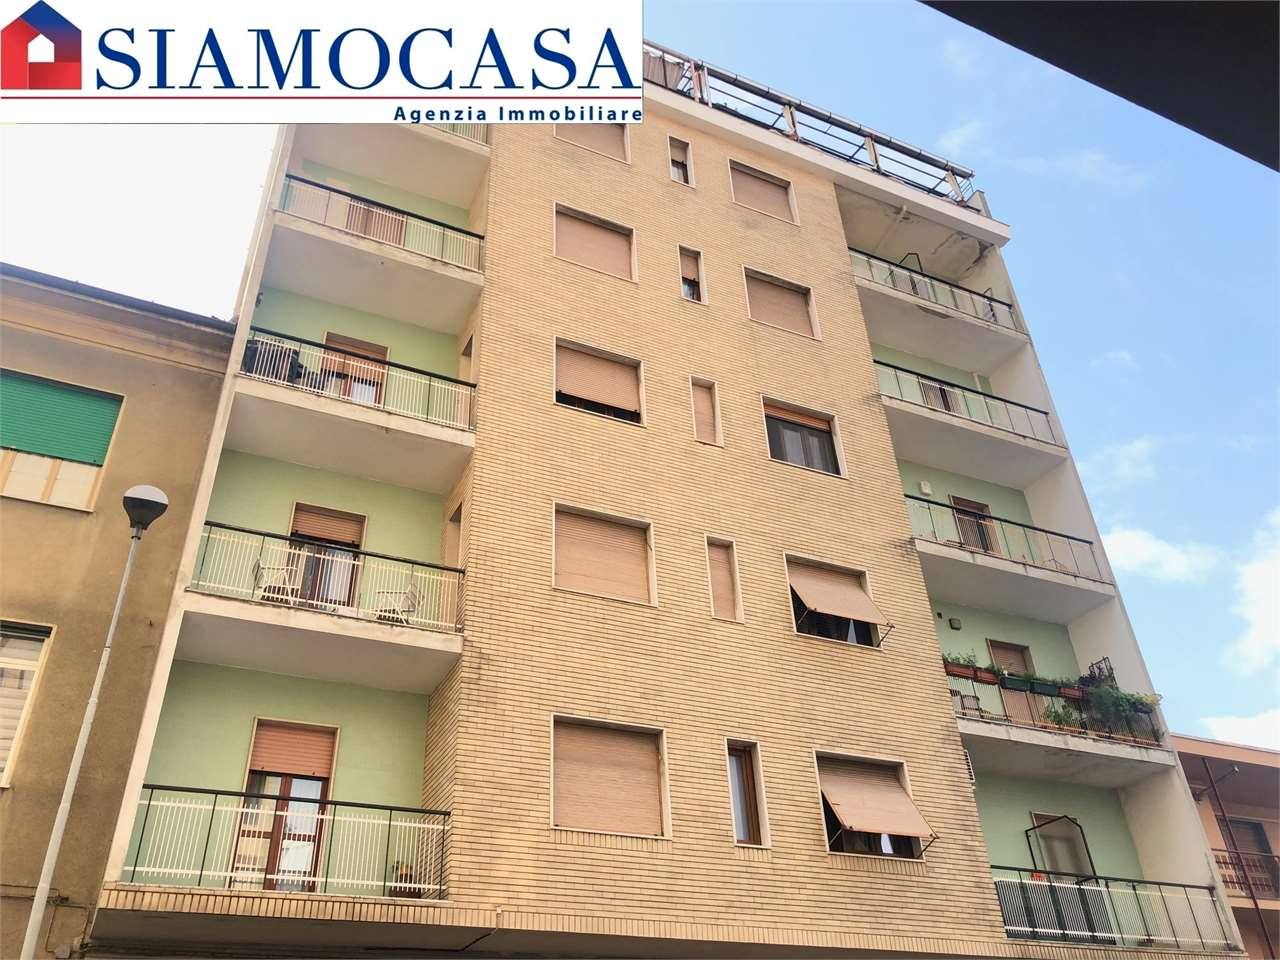 Appartamento in vendita a Alessandria, 3 locali, zona Zona: Pista Vecchia, prezzo € 49.000 | CambioCasa.it